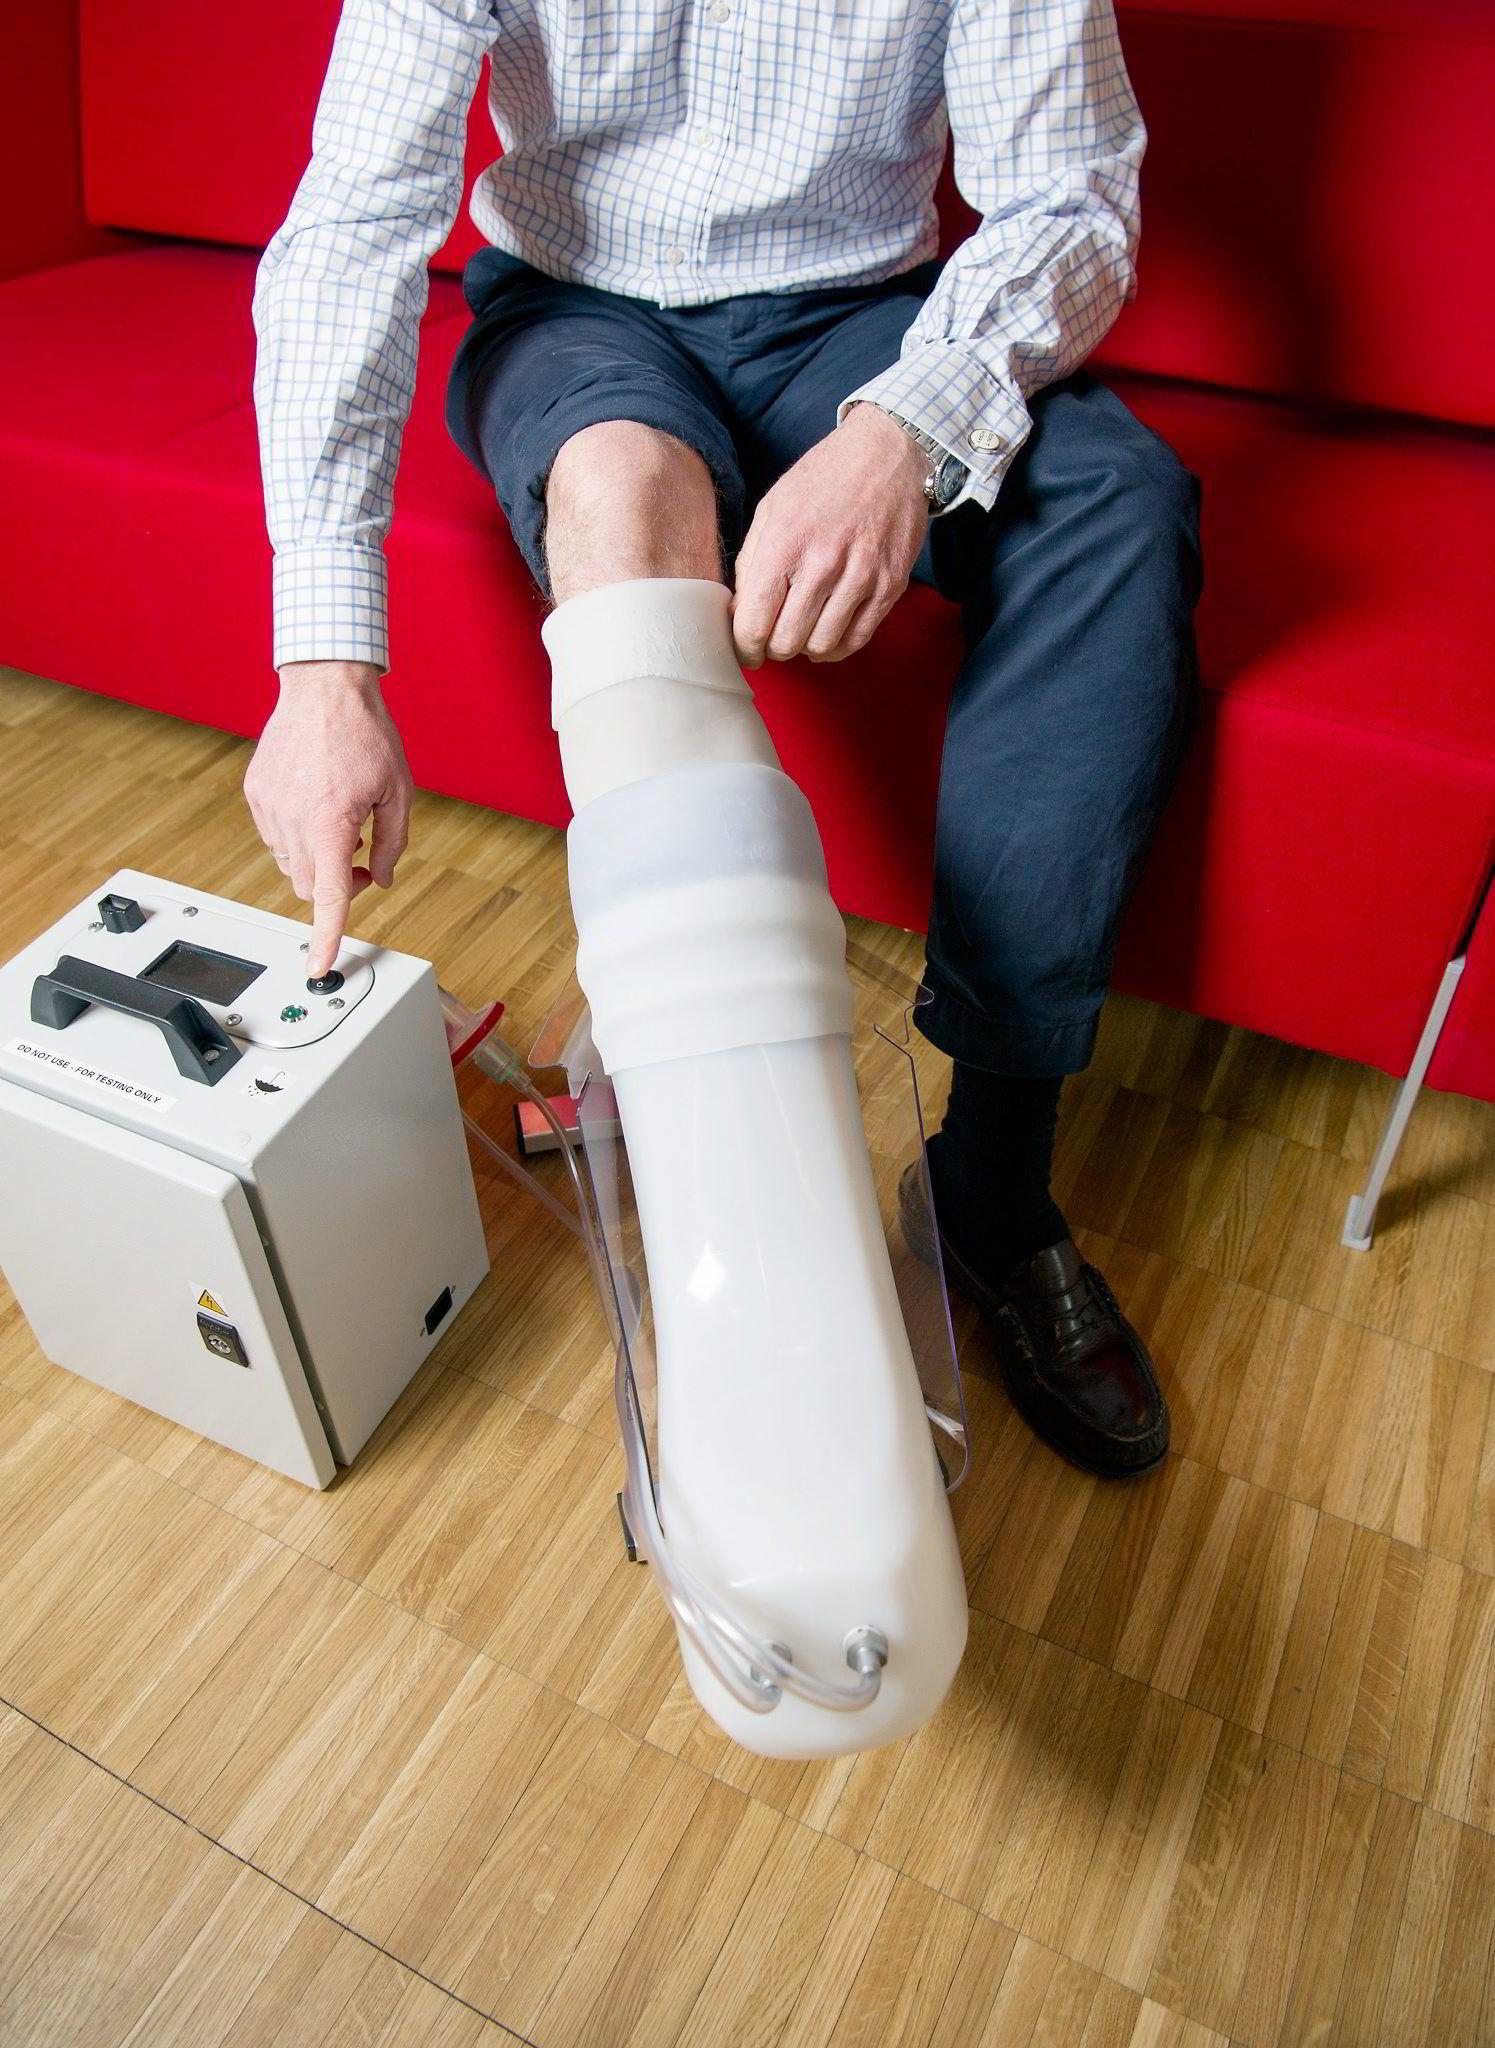 FlowOx-støvelen lukker seg rund leggen og fungerer som en sugepumpe som gir økt blodsirkulasjon.